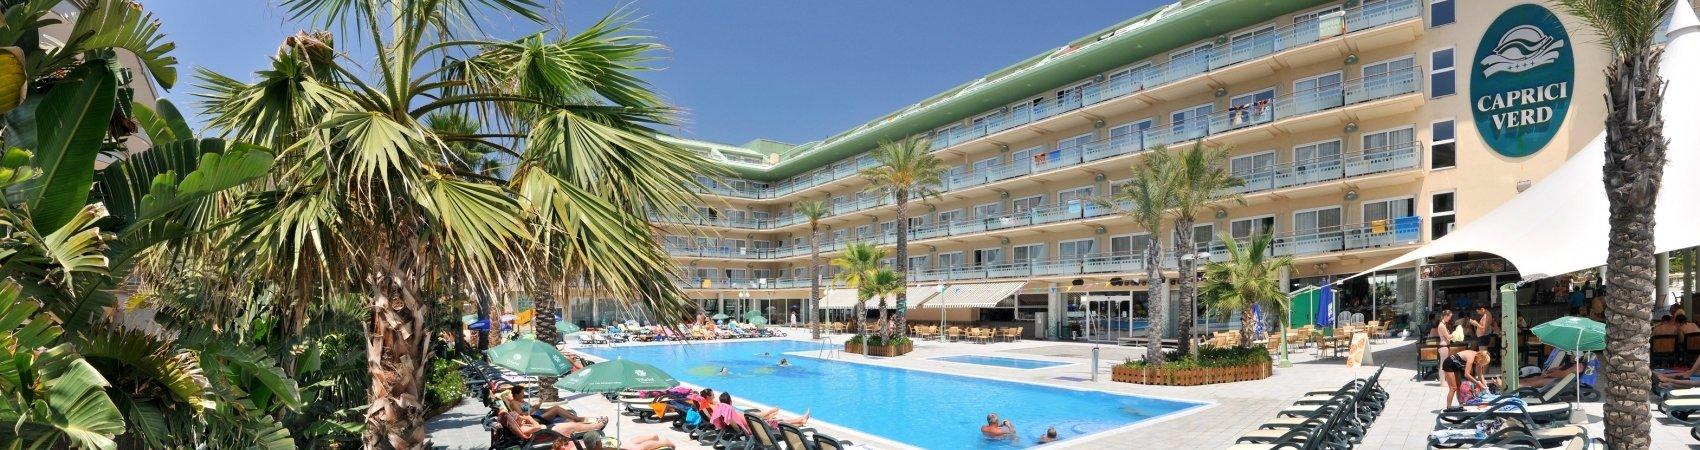 Hotel Caprici Verd **** - Tour